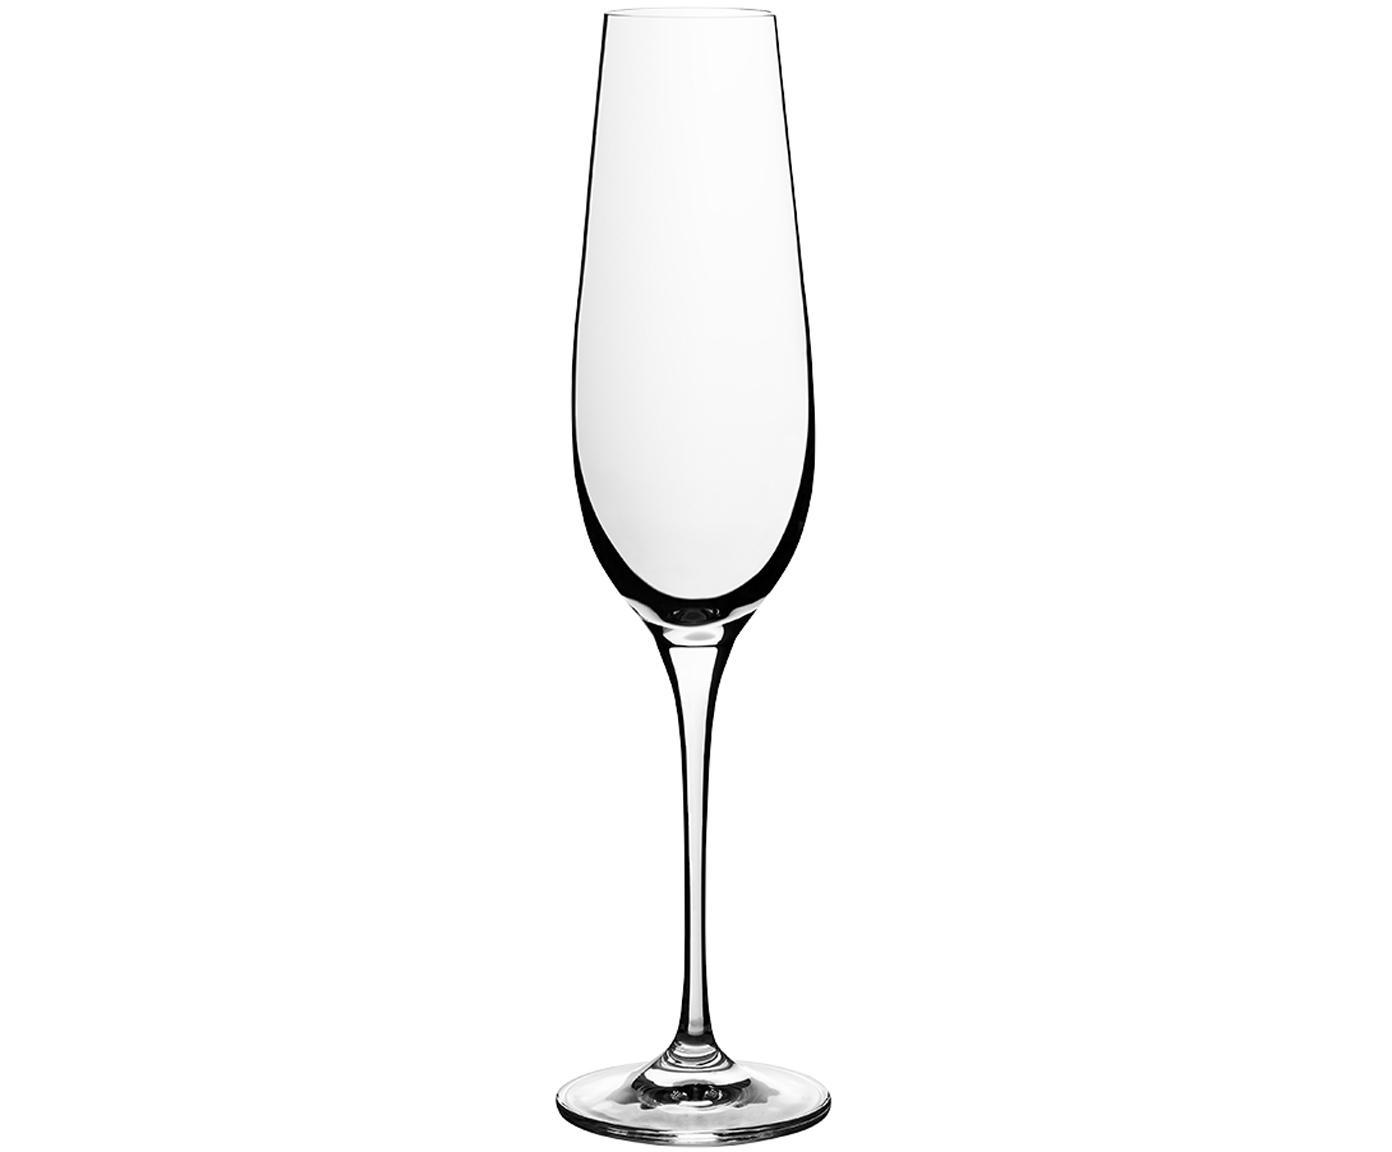 Kristallen champagneglazen Harmony, 6 stuks, Edelste glans - het kristalglas breekt het licht en dit creëert een sprankelend effect, waardoor elke champagnemoment als bijzonder kan worden ervaren., Transparant, 200 ml